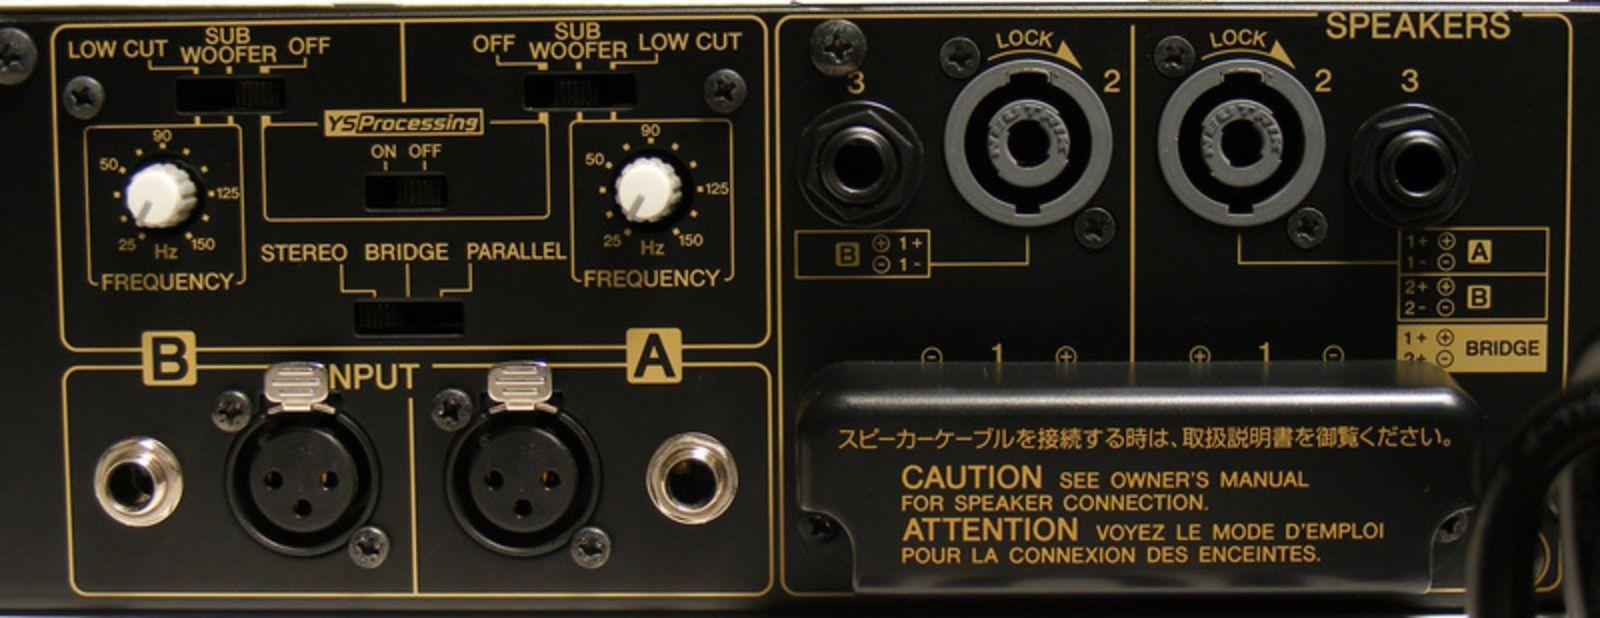 Cables RCA a XLR de calidad Xd8k7d